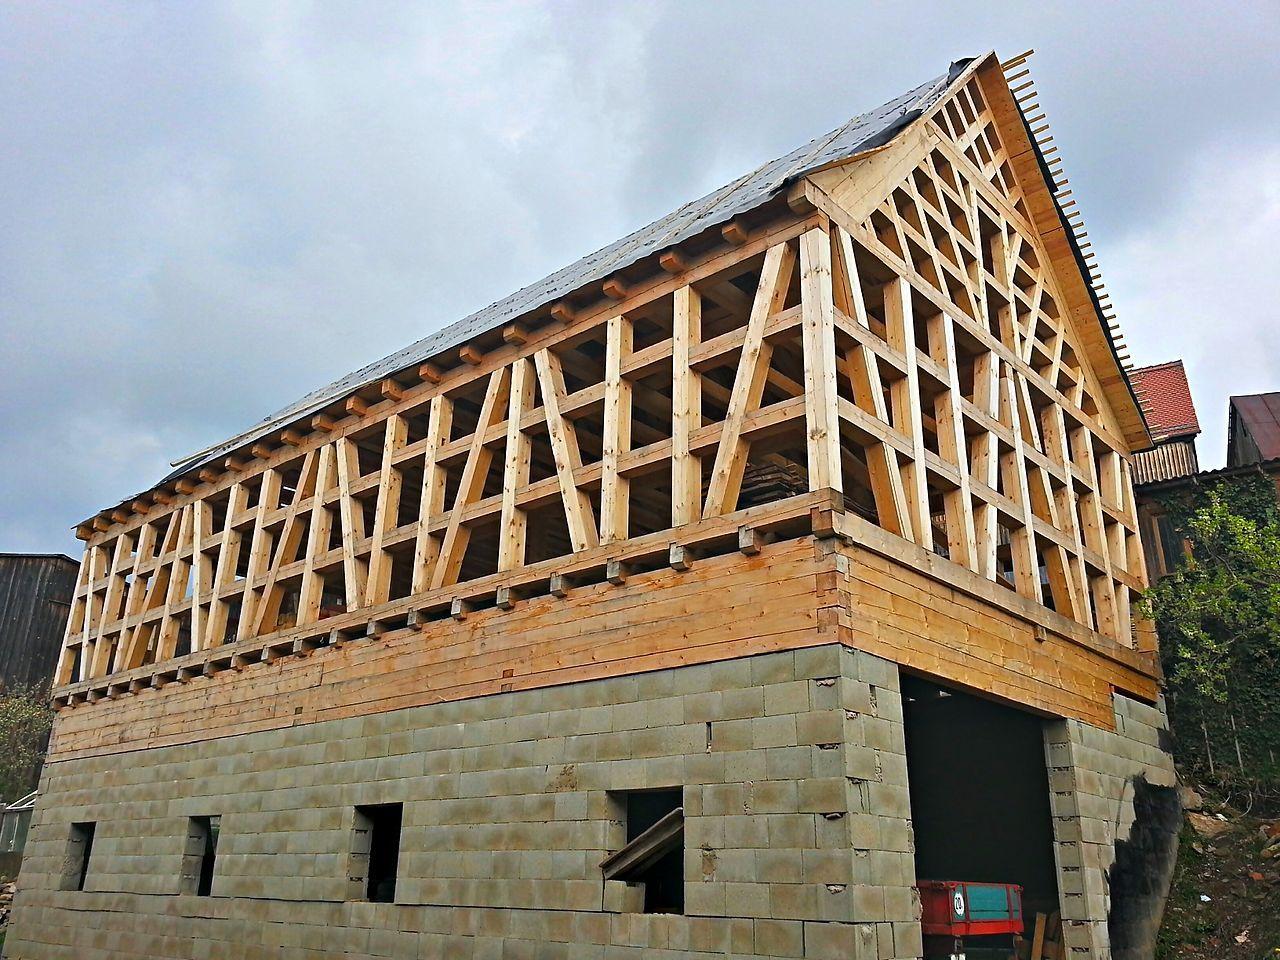 rohbau eines egerl nder fachwerkhauses in der oberpfalz mai 2013 f a c h w e r k pinterest. Black Bedroom Furniture Sets. Home Design Ideas